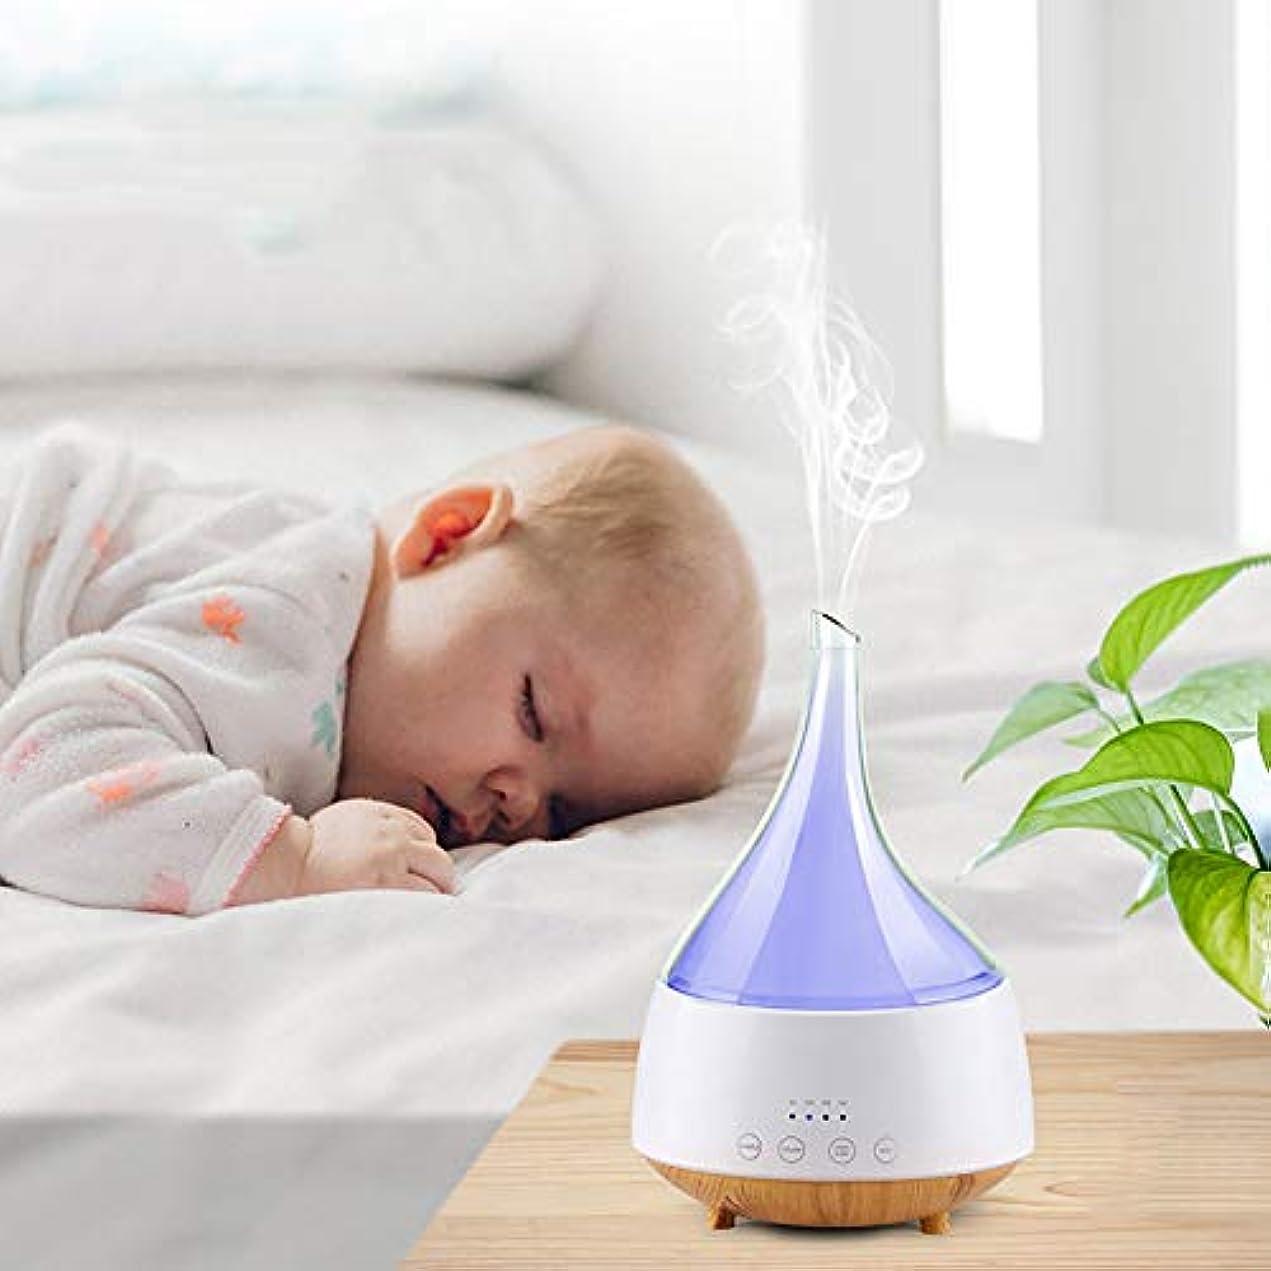 起業家面ホール超音波 アロマディフューザー 、空気加湿器寝室妊娠中の女性の赤ちゃんサイレントディフューザー